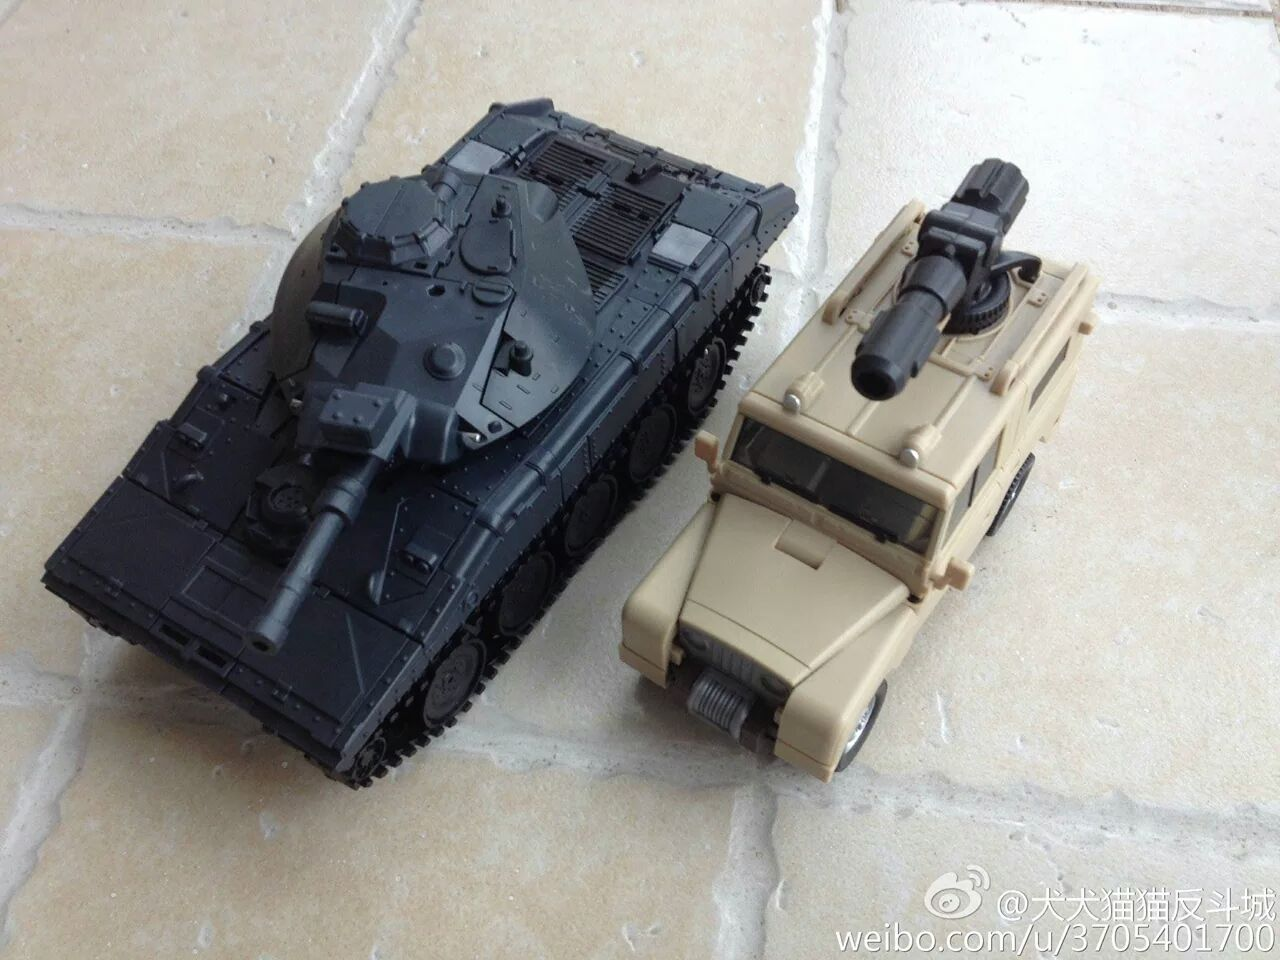 [BadCube] Produit Tiers - Minibots MP - Gamme OTS - Page 2 LDYyllh4